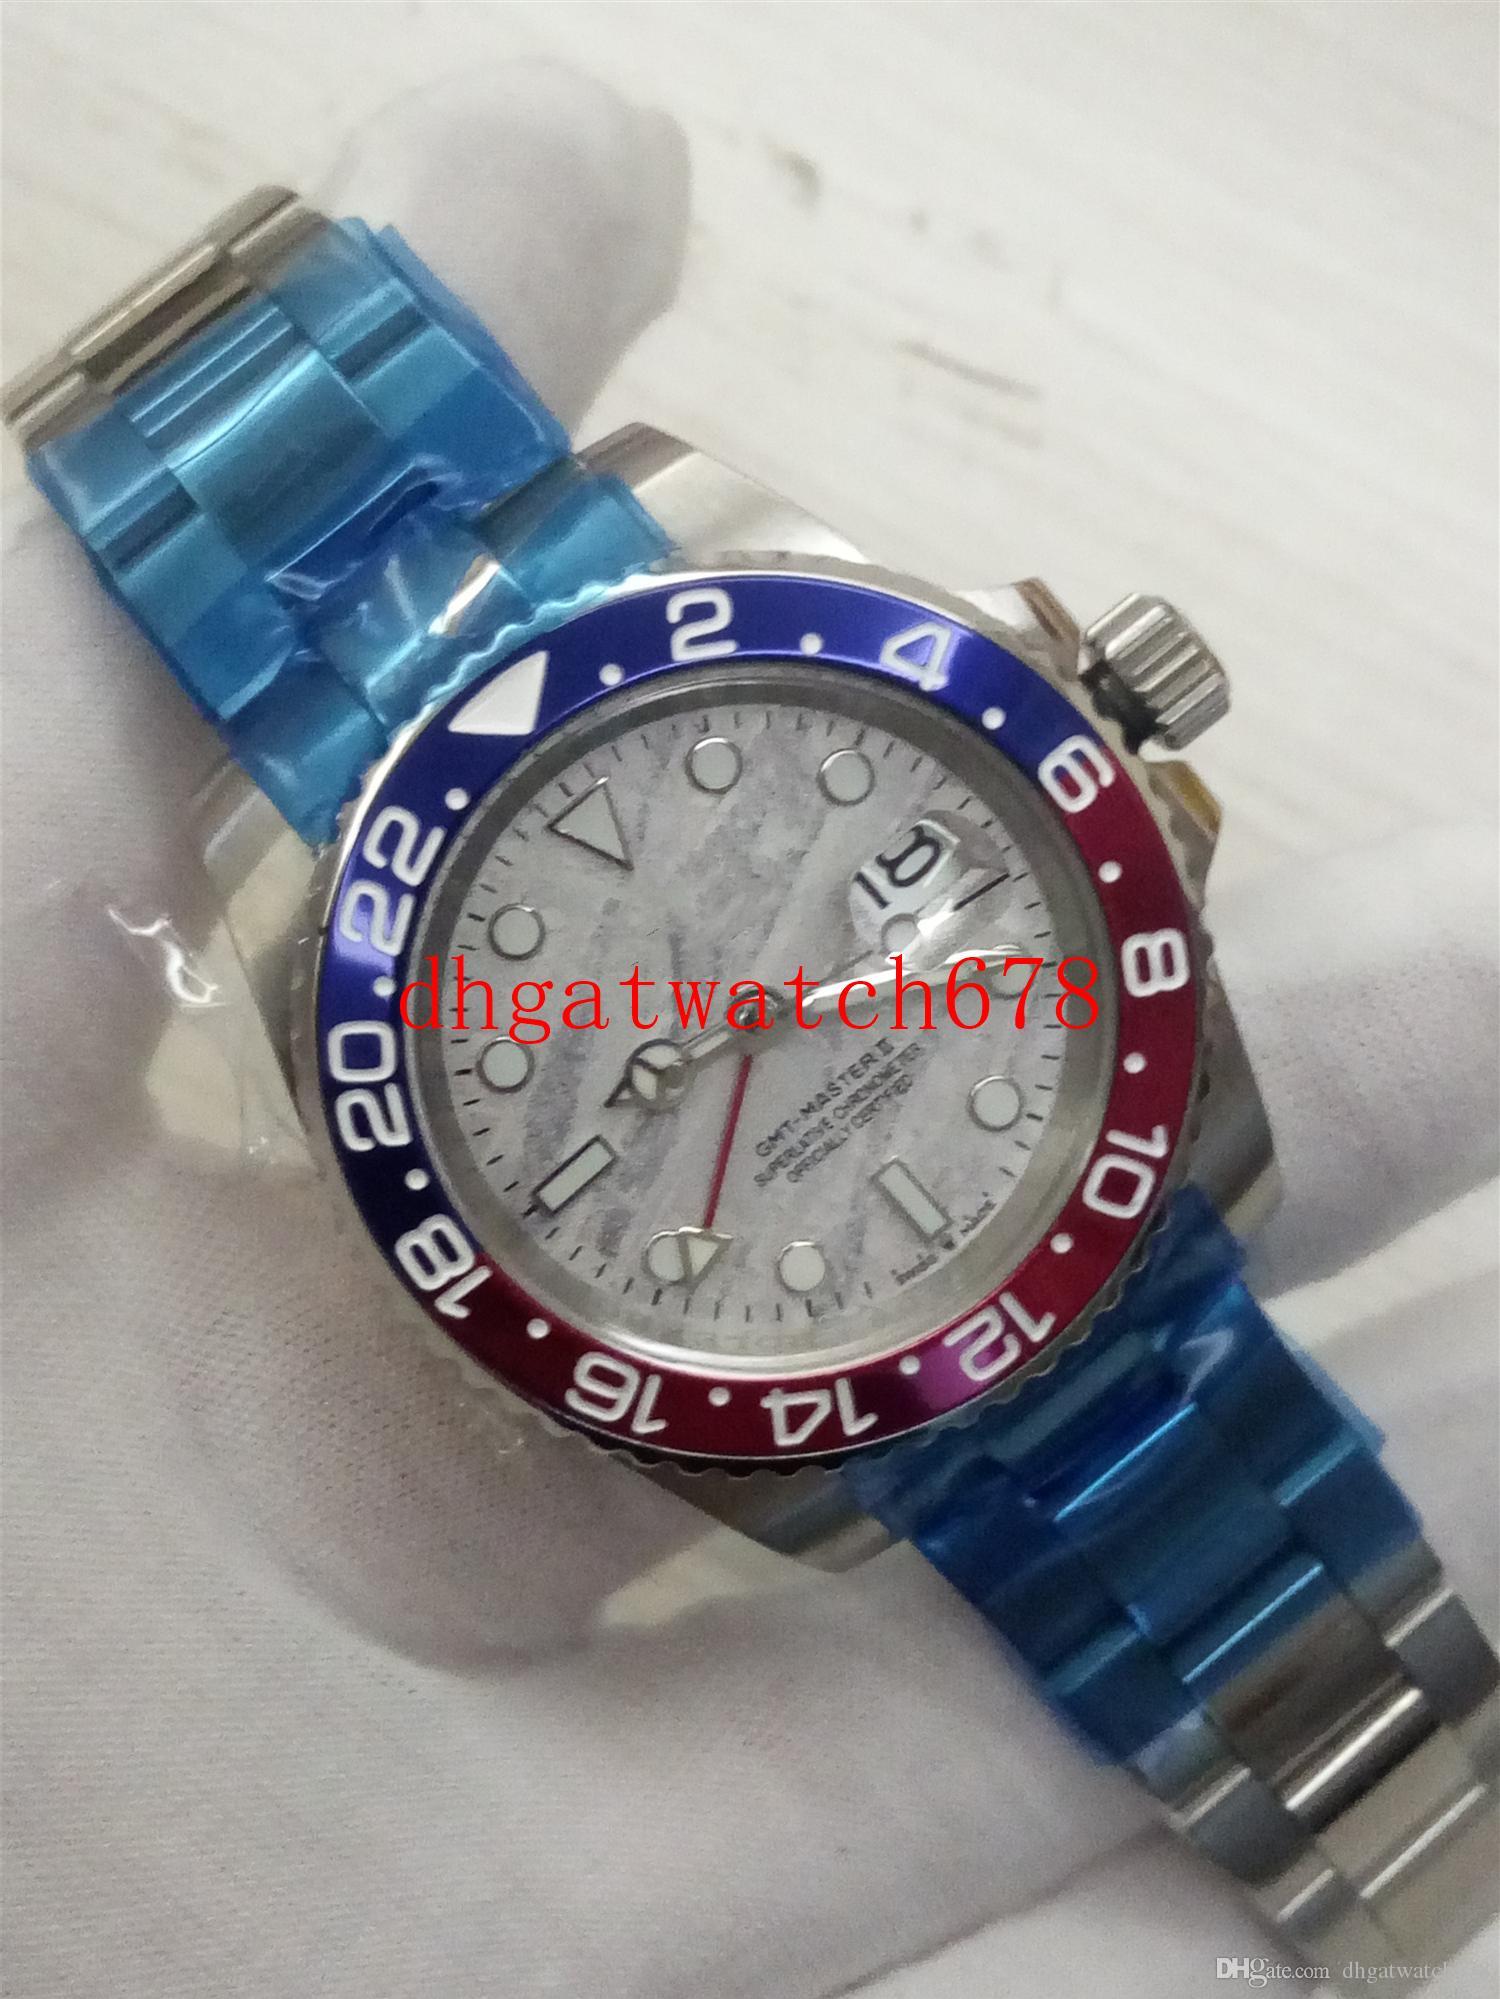 Top-Qualität Männer Uhren Basel World 126710 126710BL Rot und Blau Bicolor Keramik Lünette GMT Männer automatische Uhr